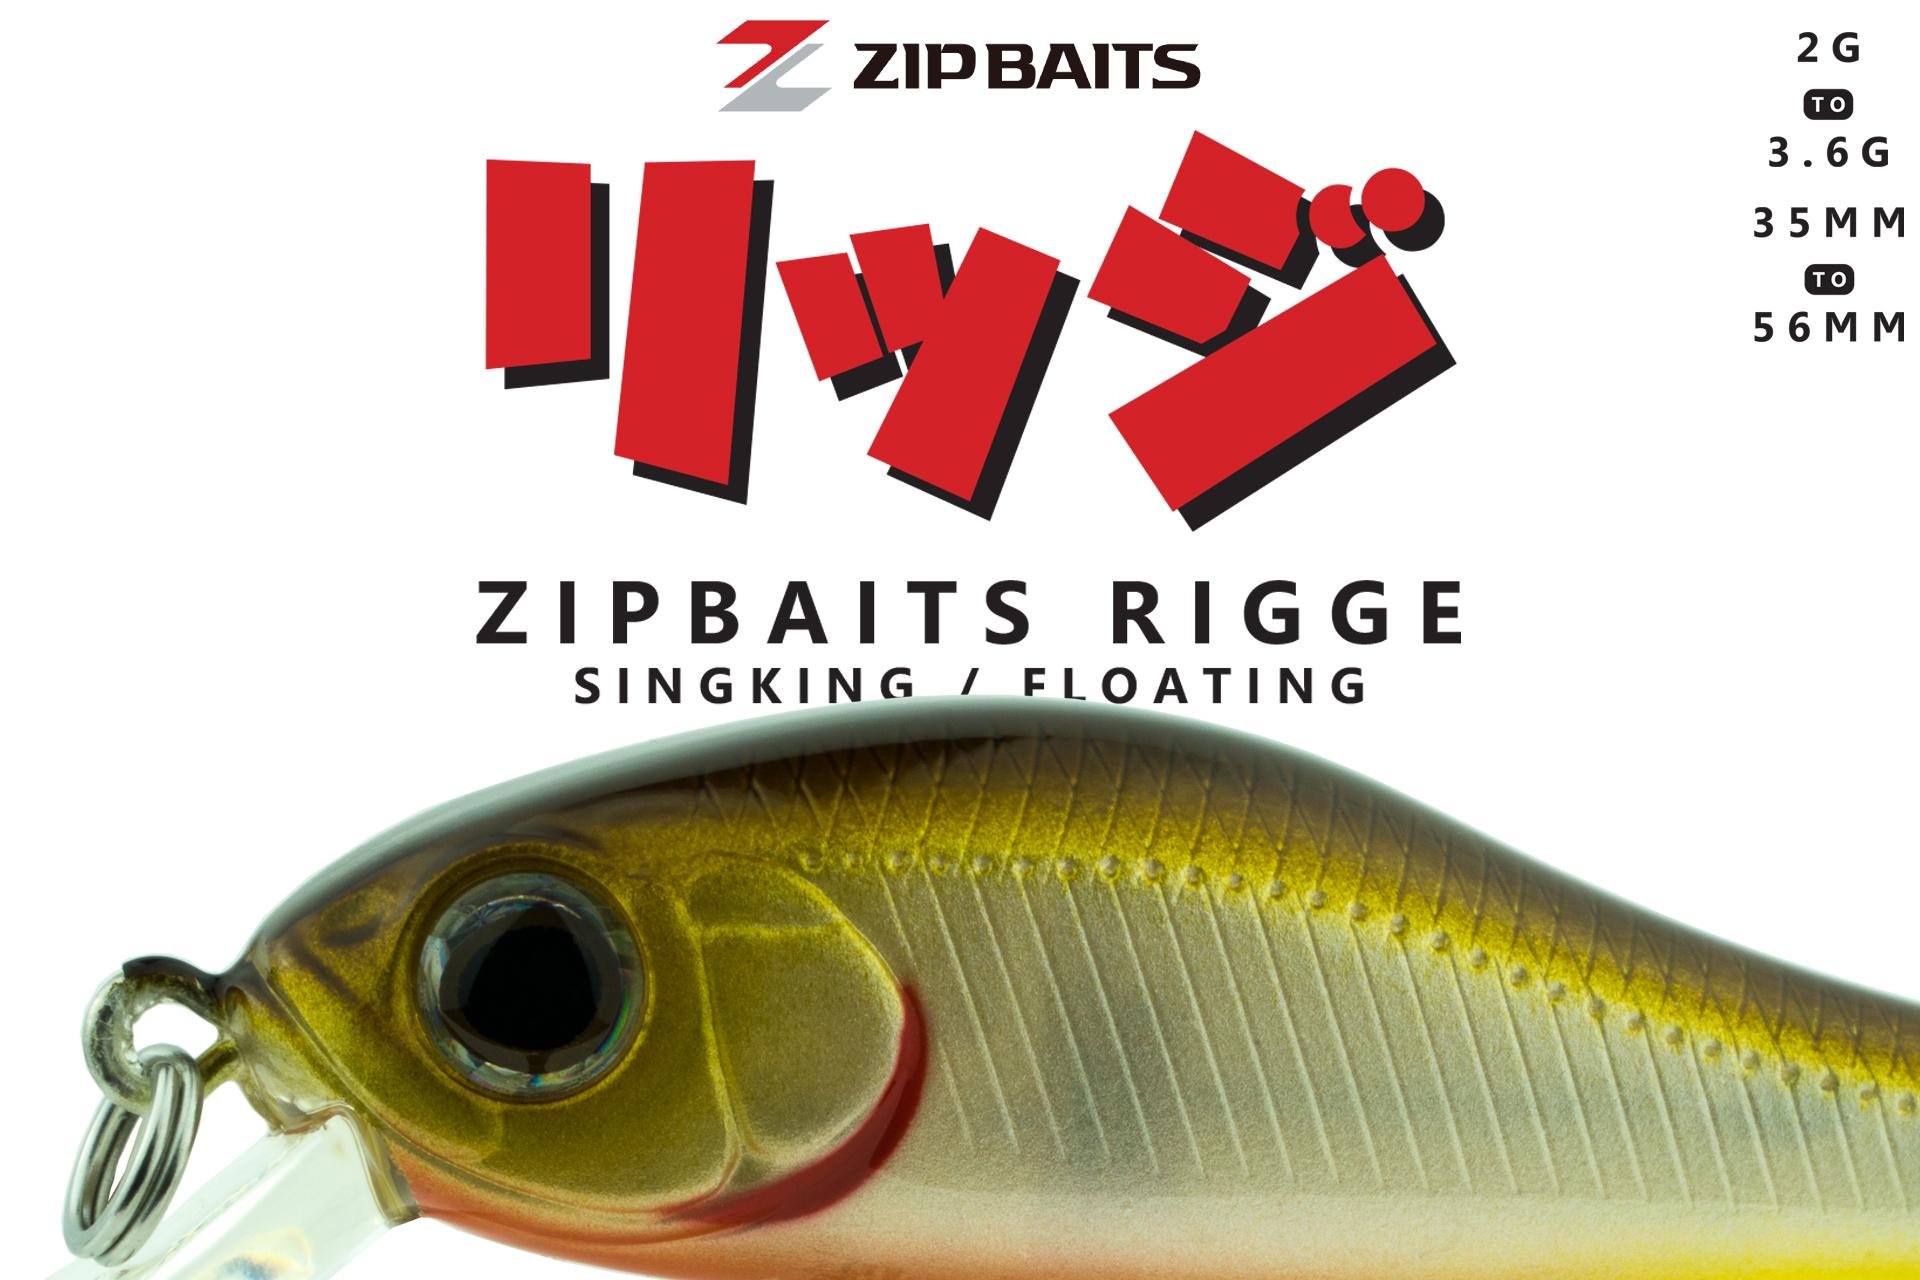 Zipbaits Rigge